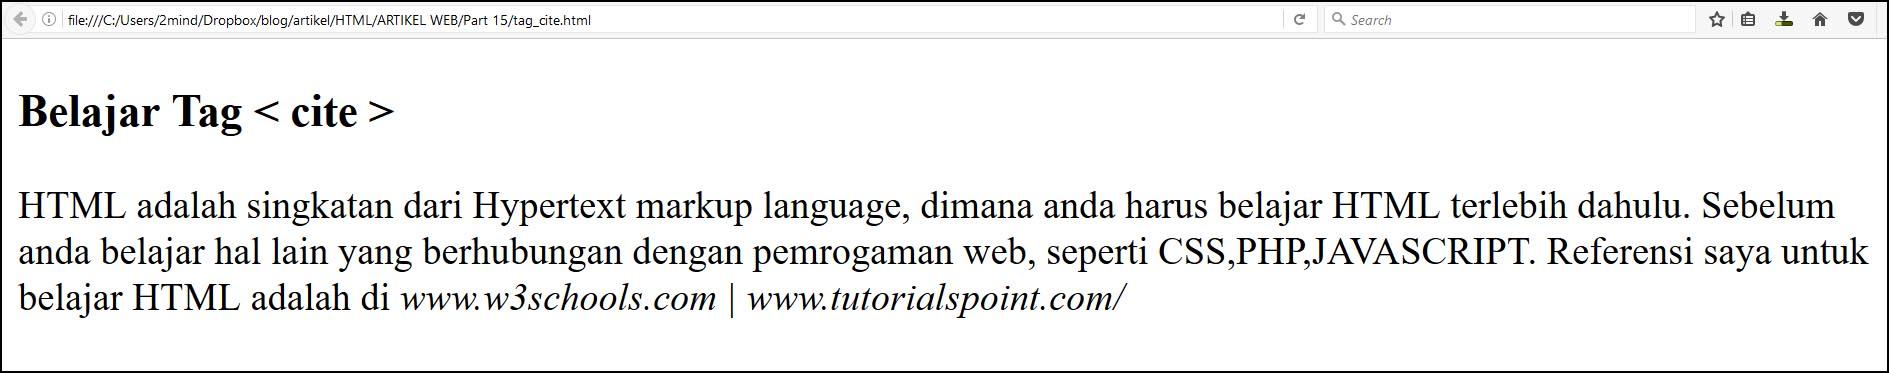 tag_cite_di_html